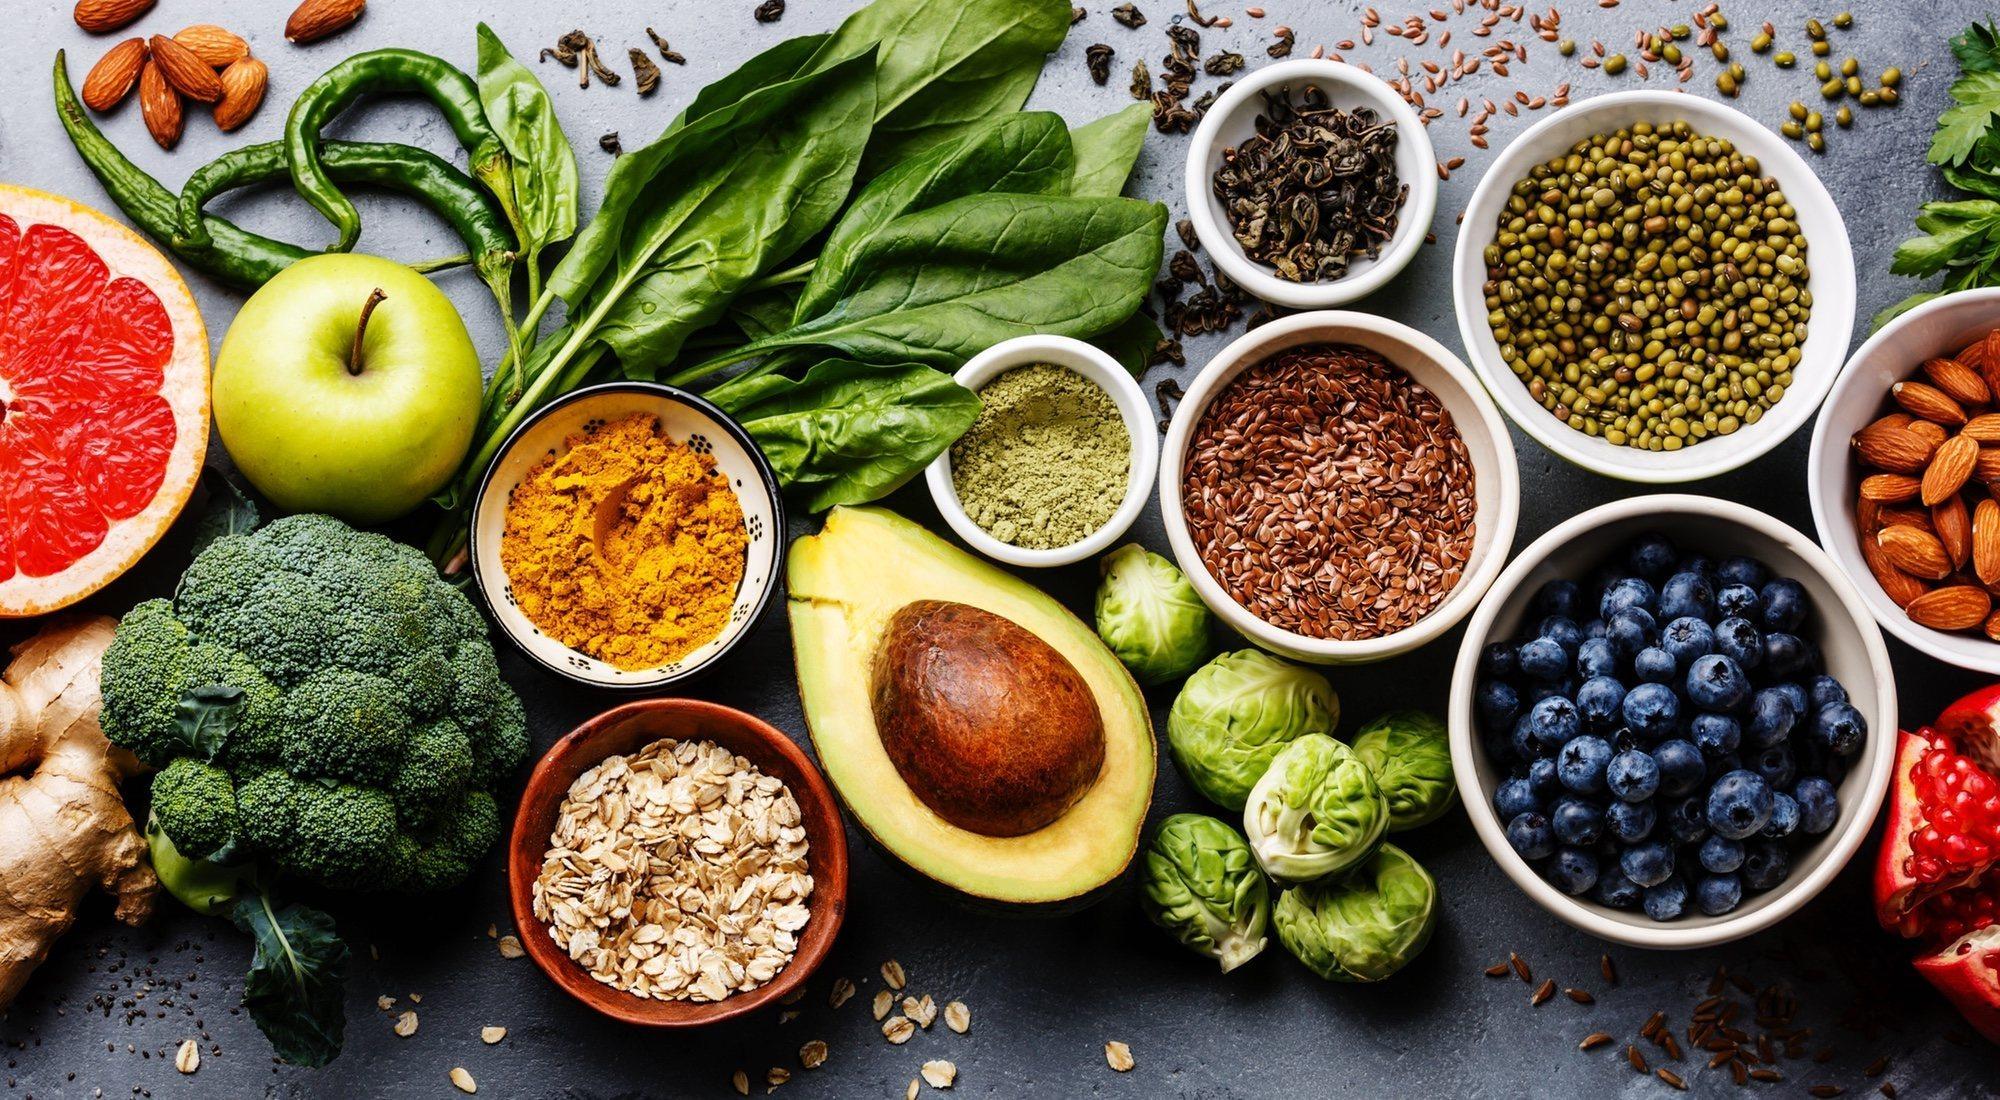 Cómo cocinar comida sana y fácil: consejos para hacerlo